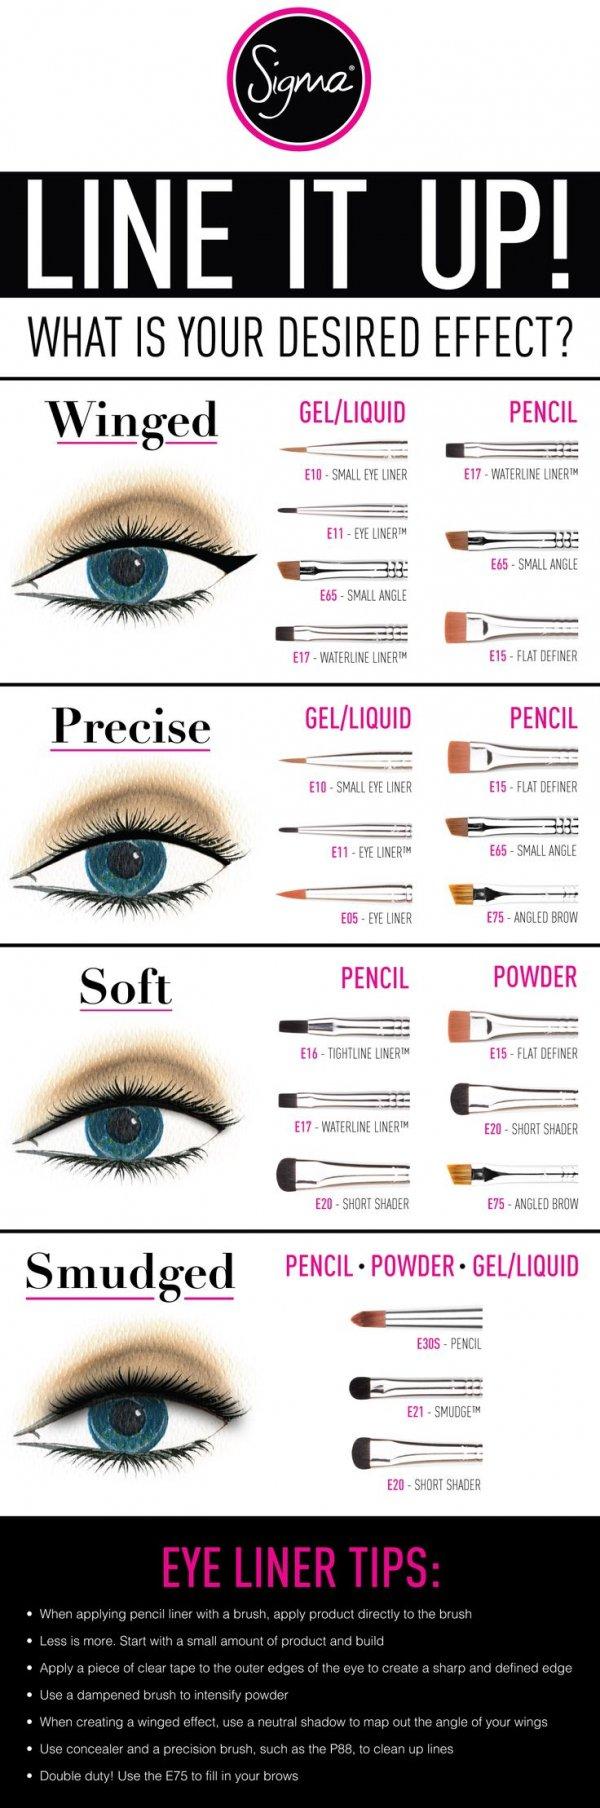 Impact Radius,advertising,font,eyelash,brand,